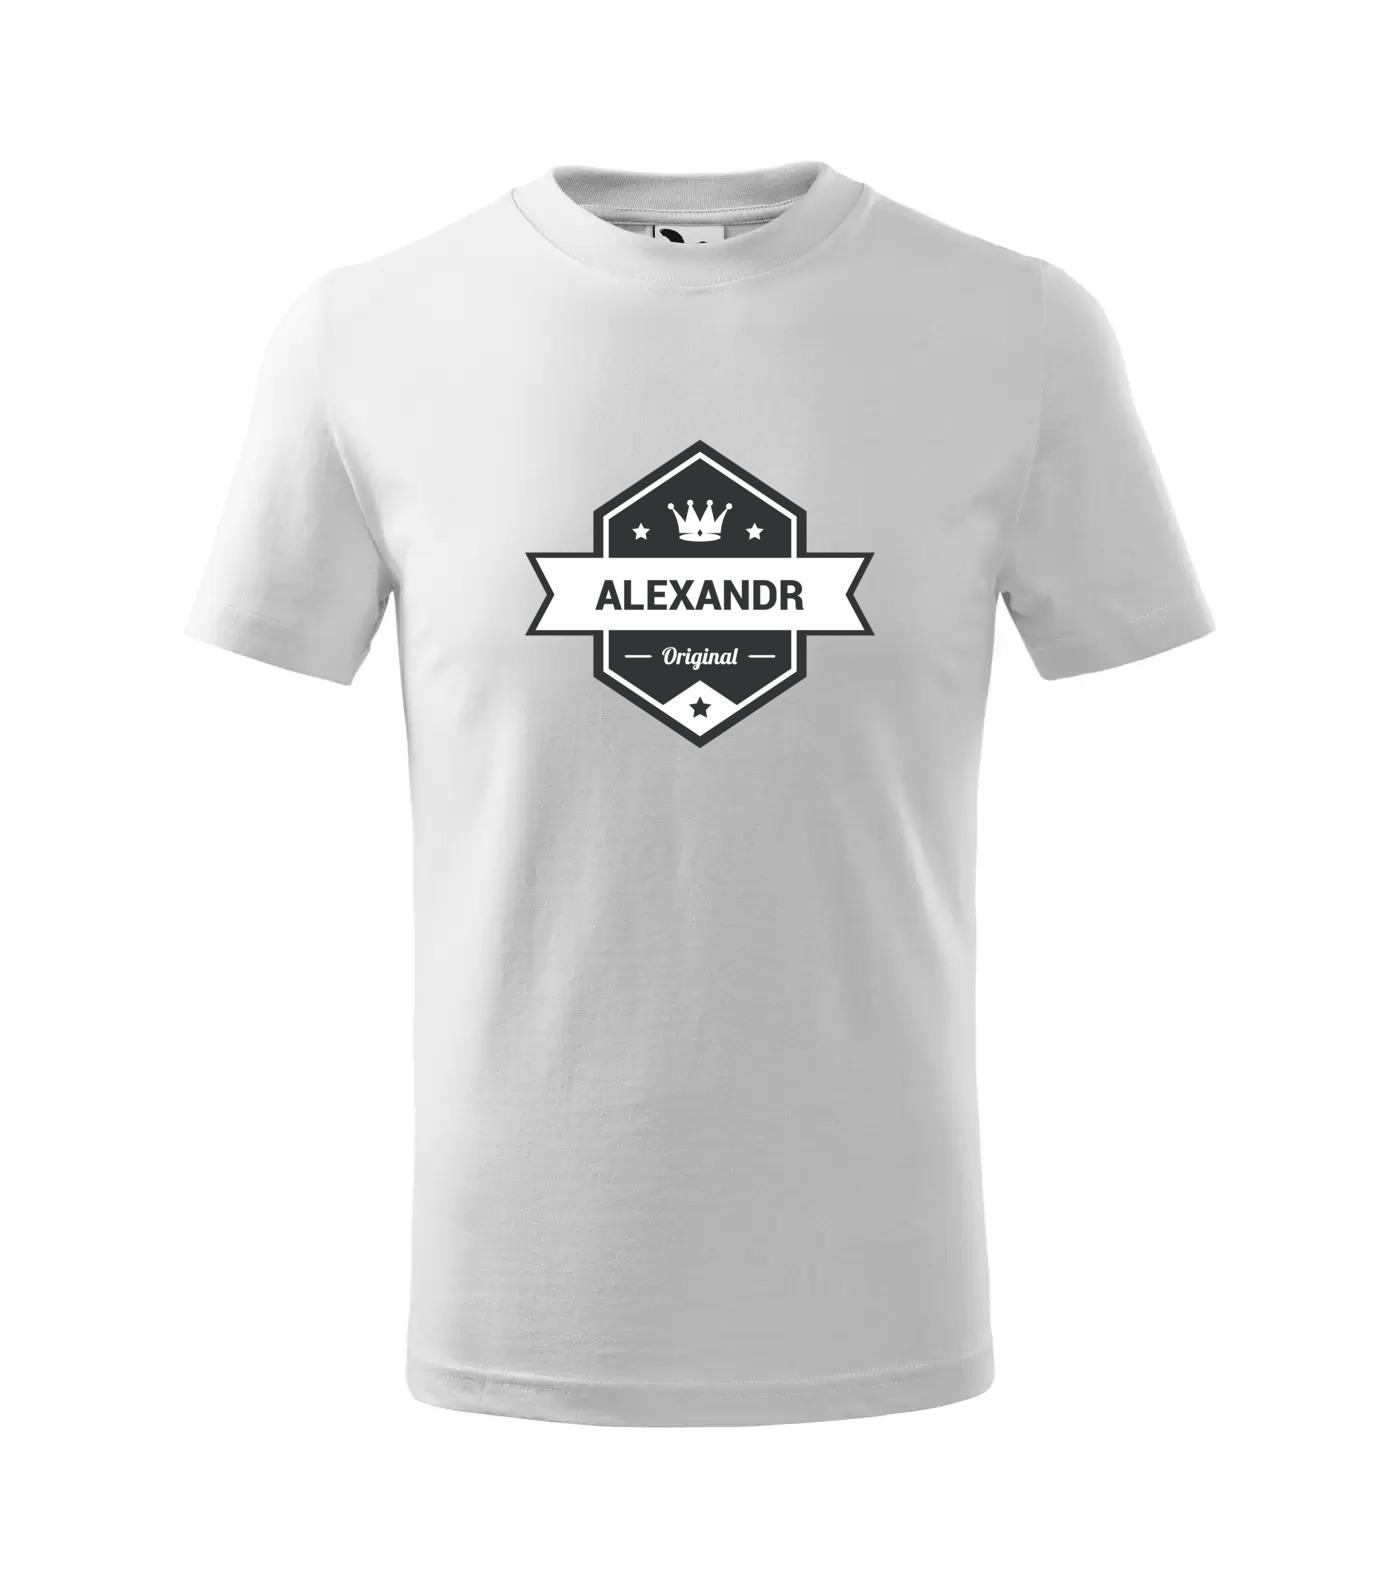 Tričko King Alexandr